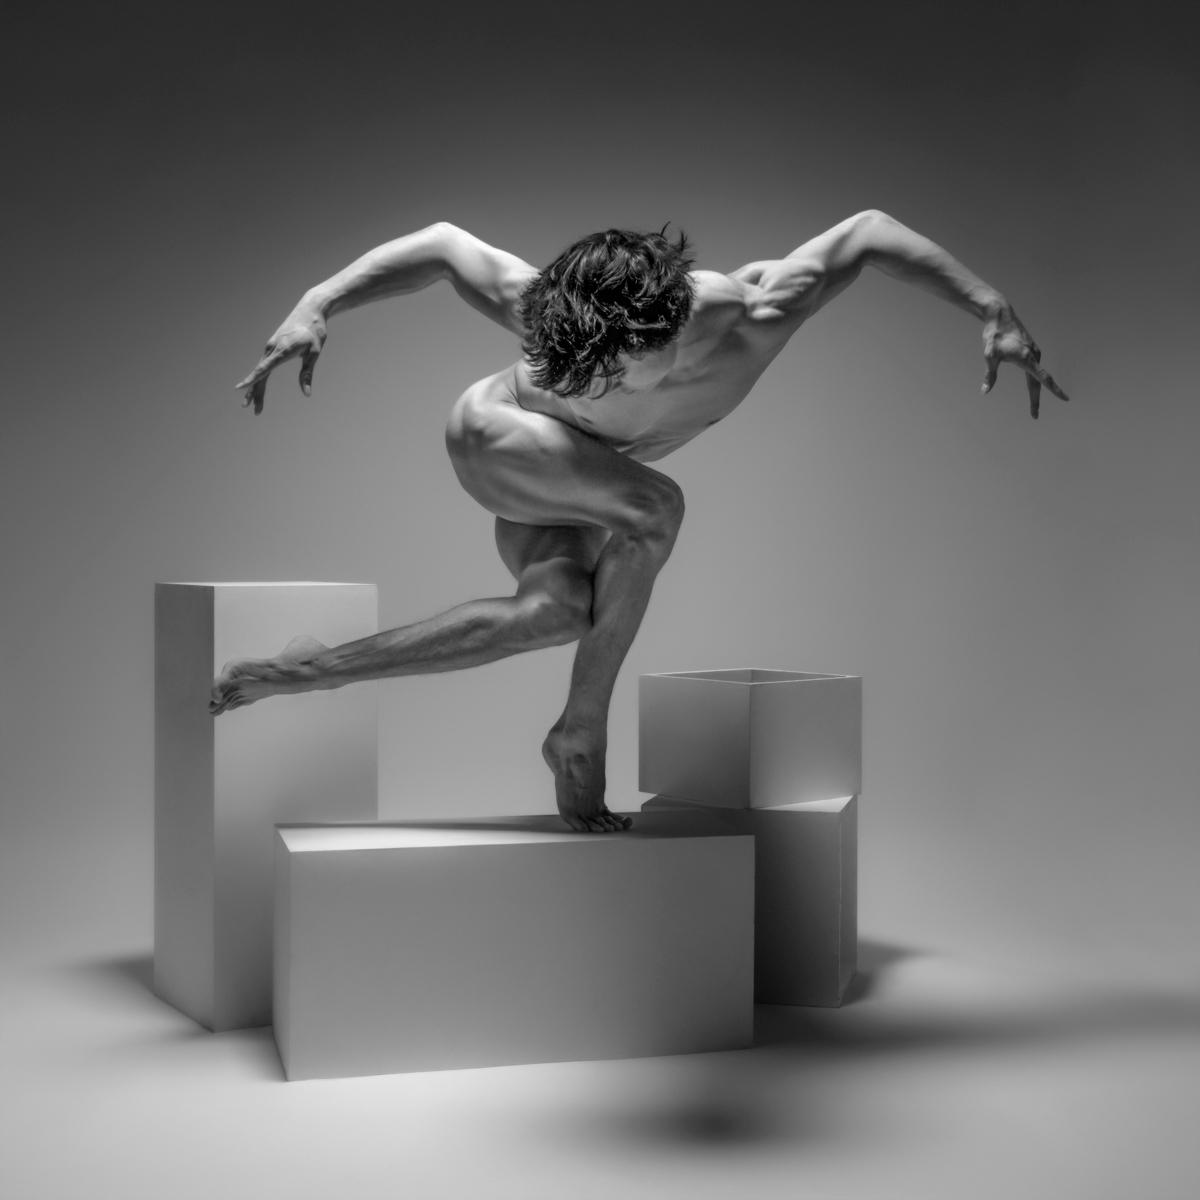 Photographer: Frédéric Roulle - darkbeautymag | ello